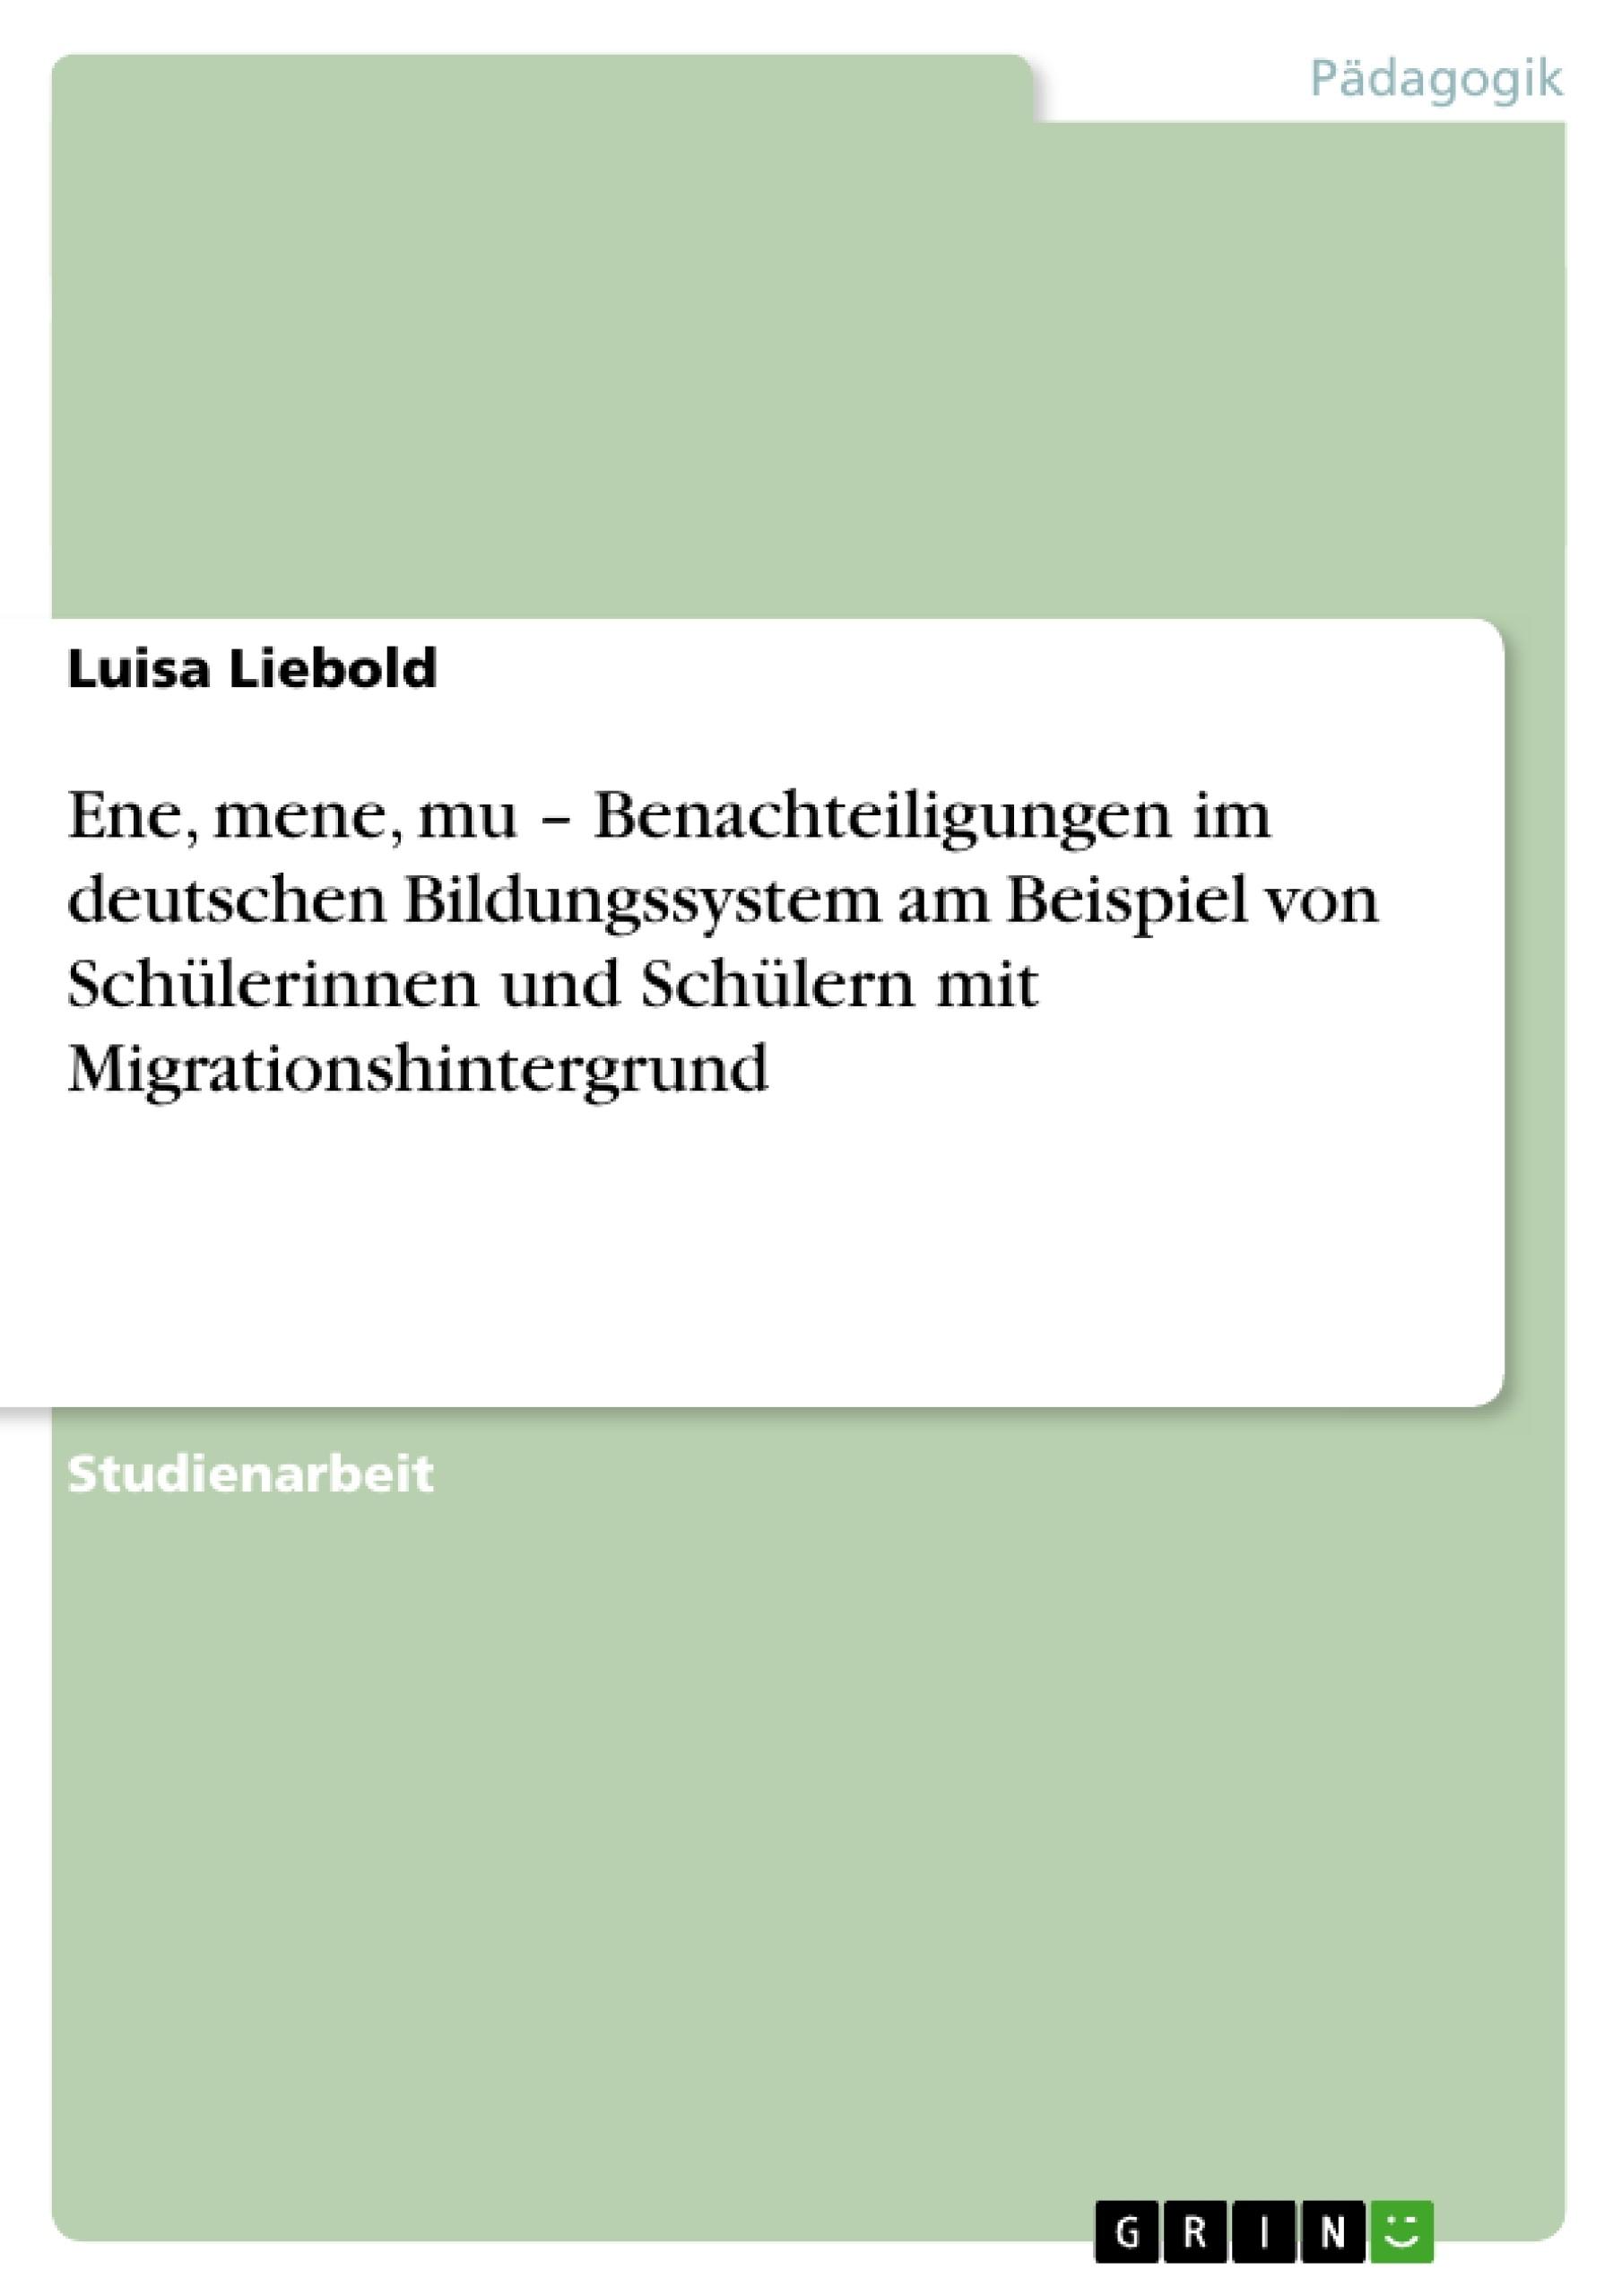 Titel: Ene, mene, mu – Benachteiligungen im deutschen Bildungssystem am Beispiel von Schülerinnen und Schülern mit Migrationshintergrund